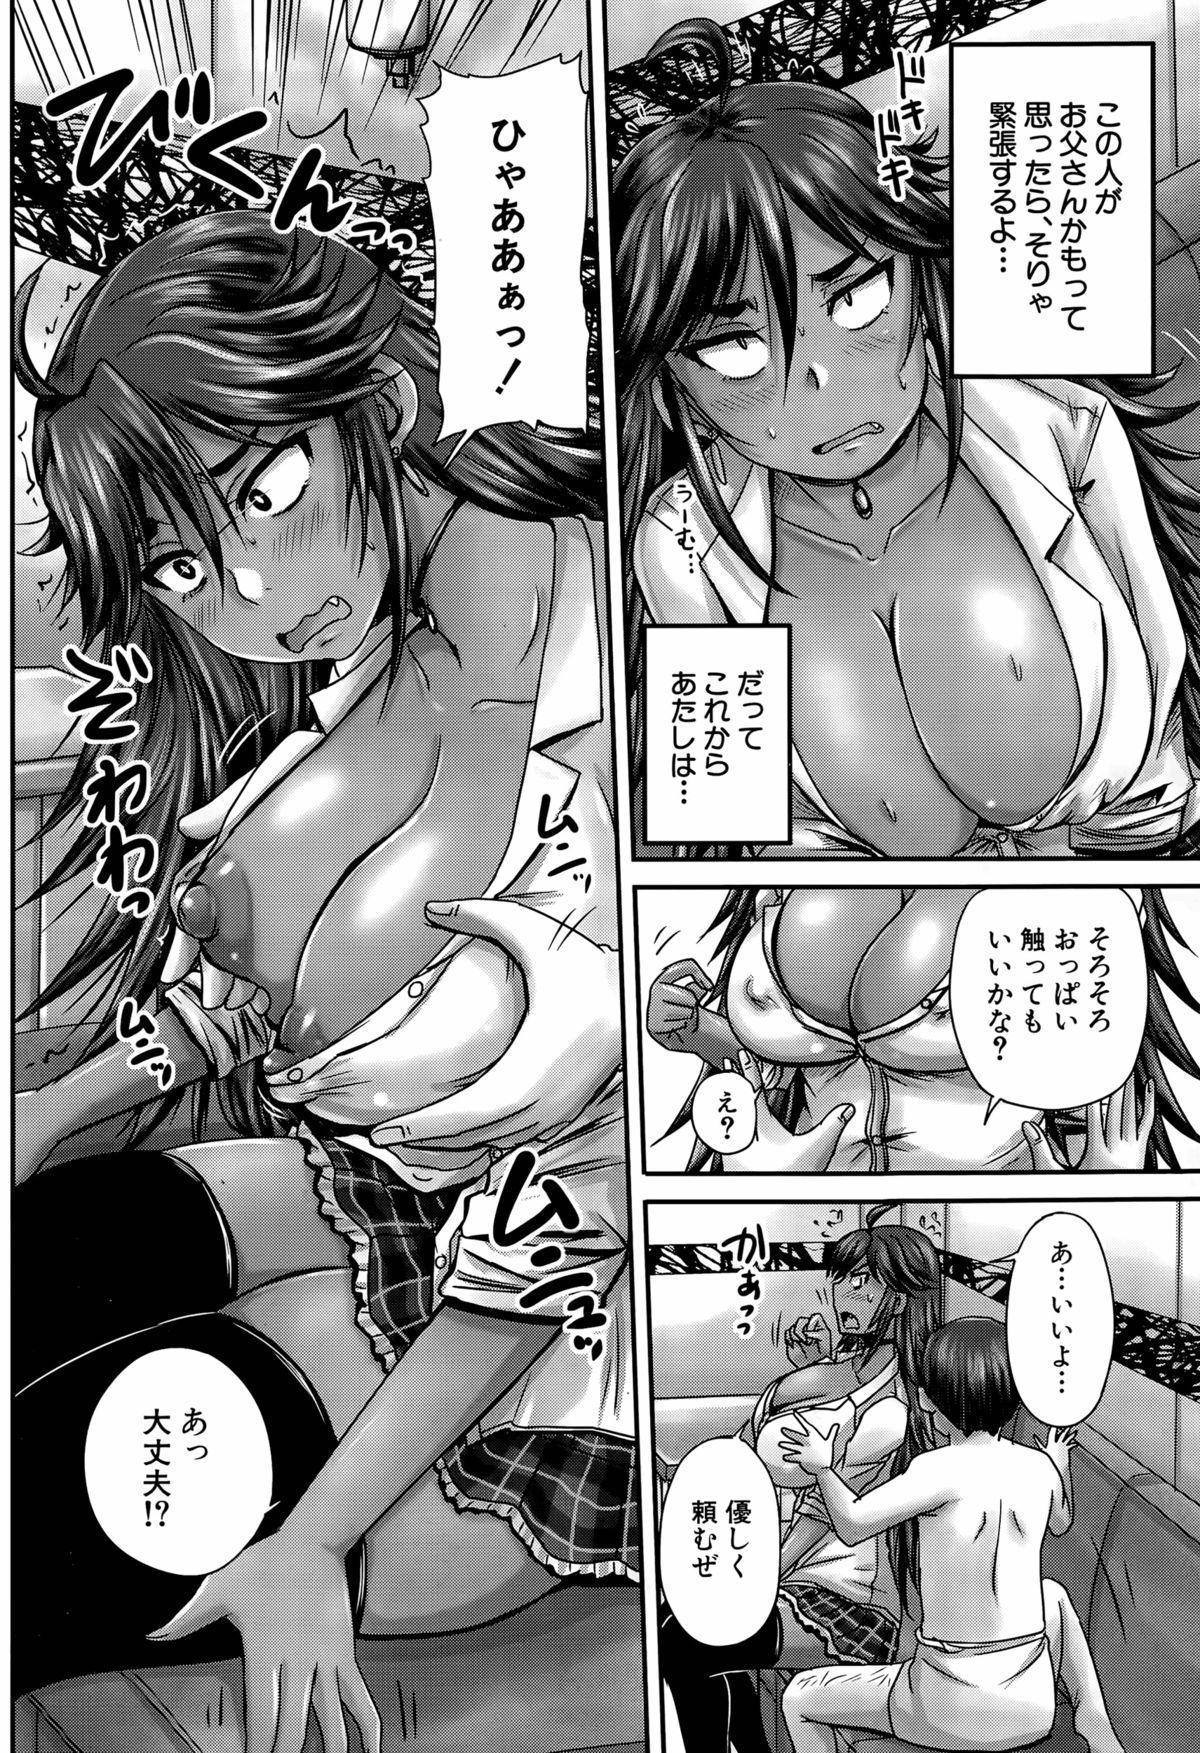 Hajimeteno Enjono Aitewa Ch. 1-2 11